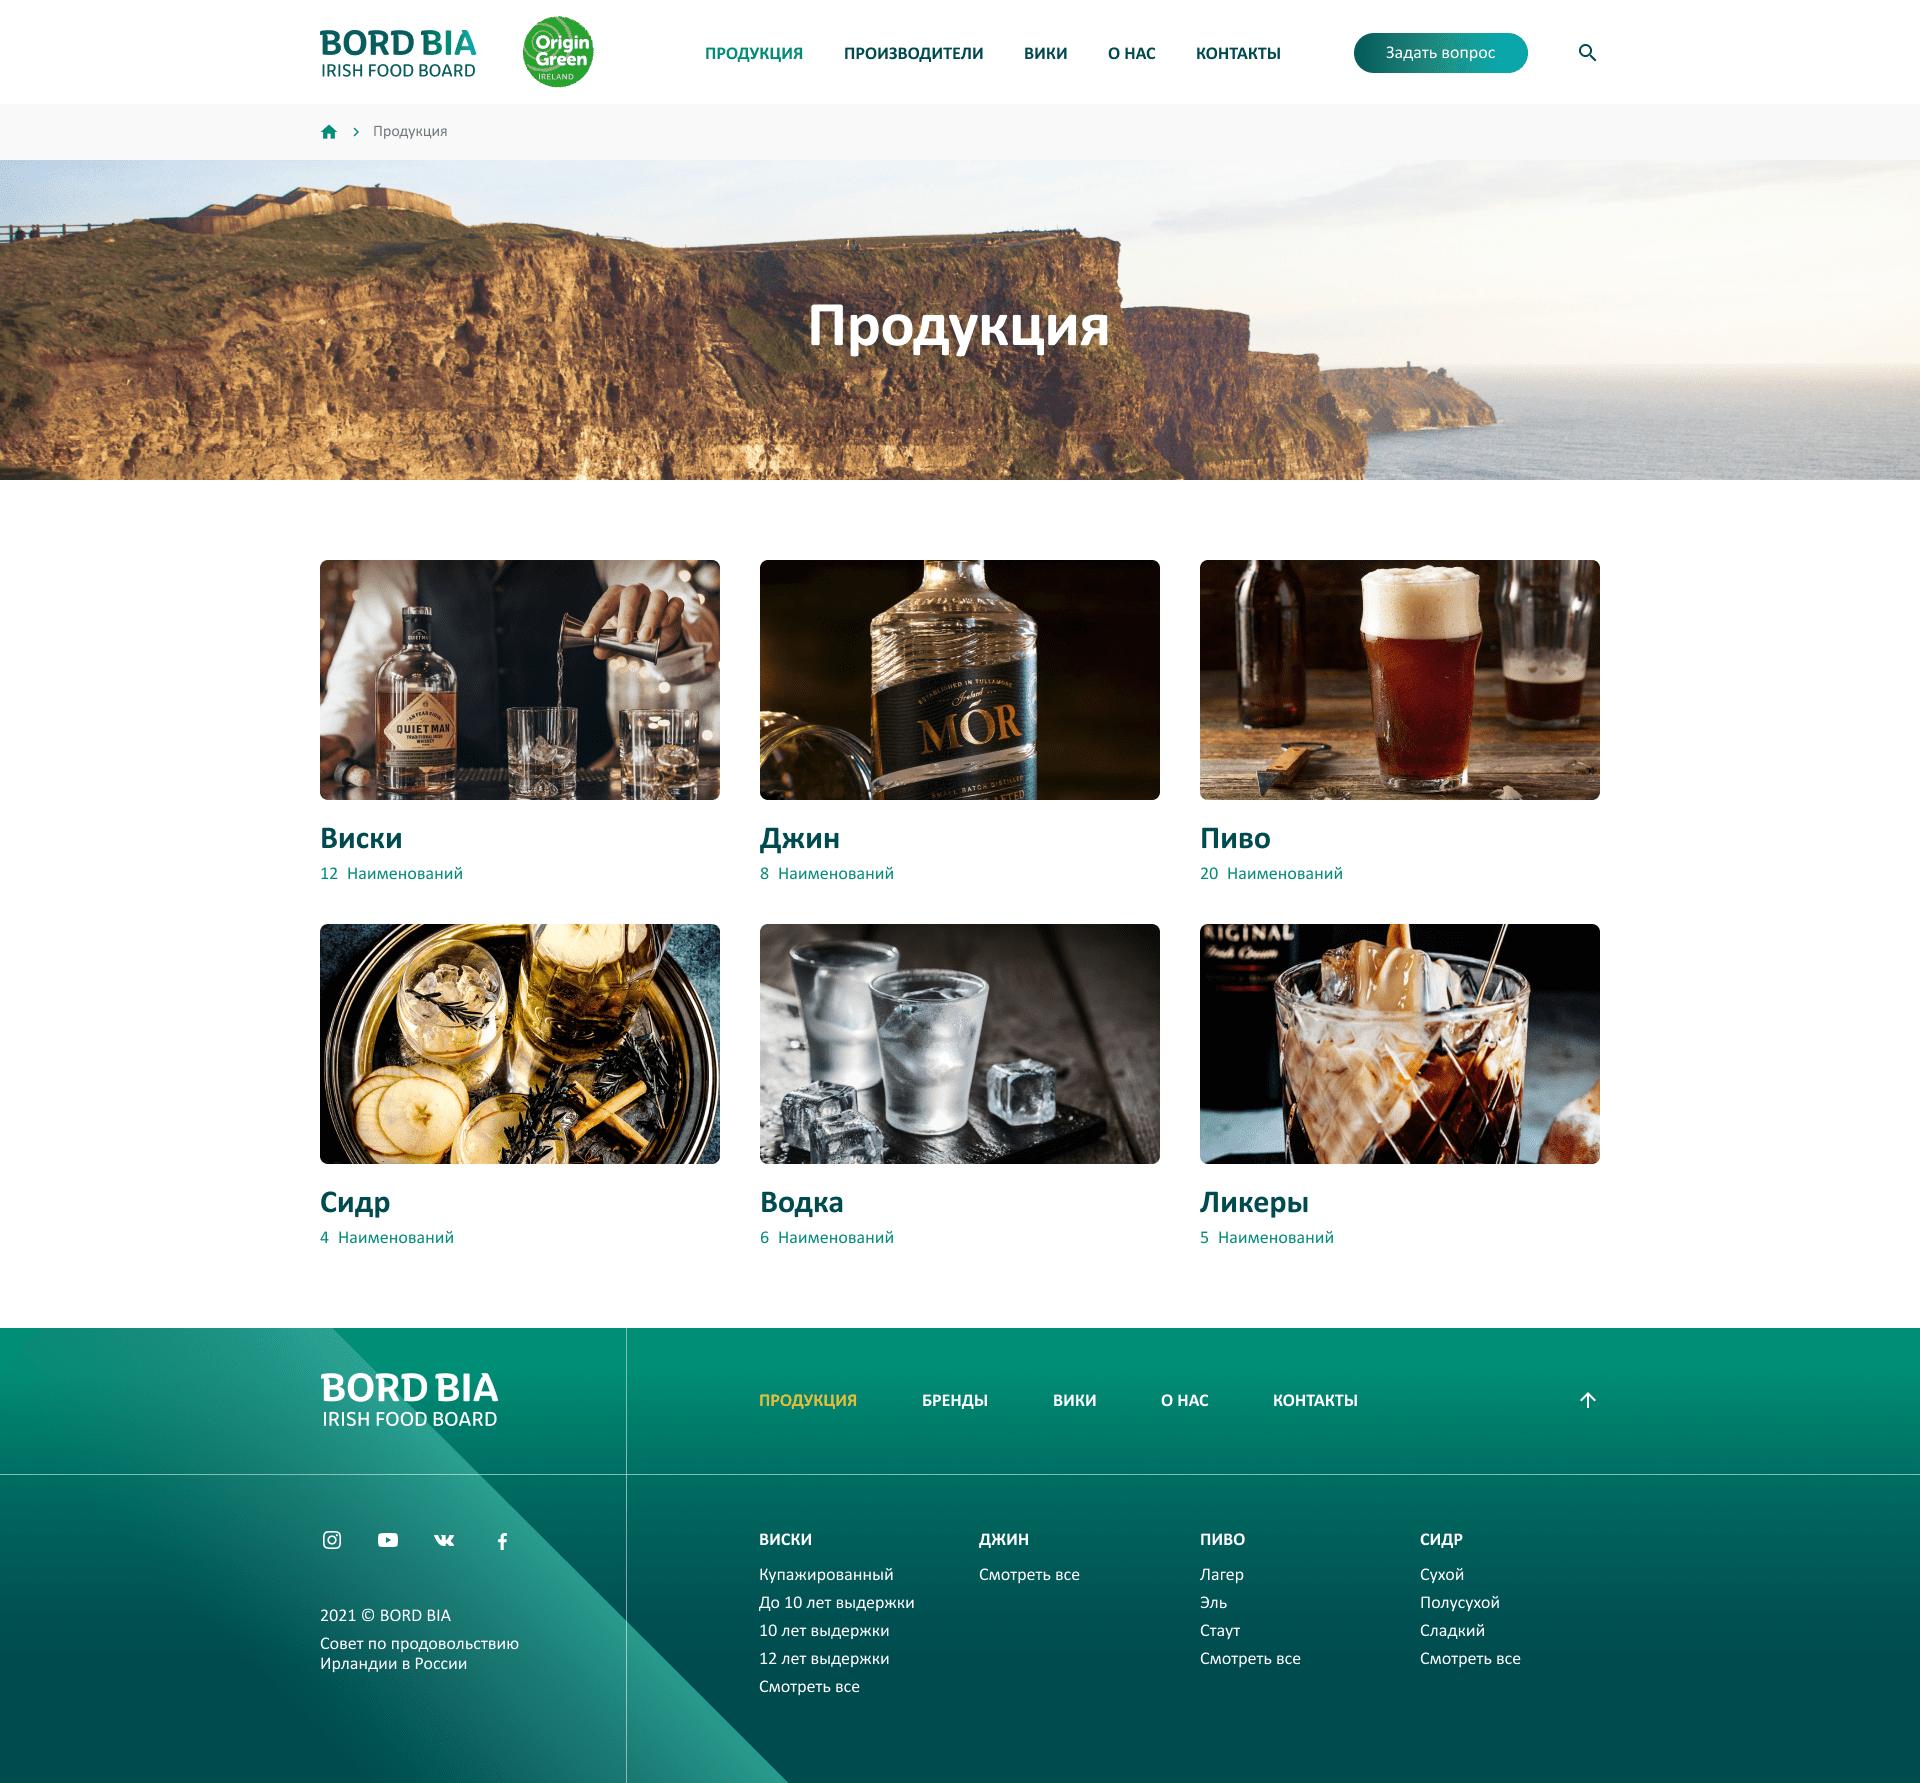 Создание сайта совета по продовольствию Ирландии в России